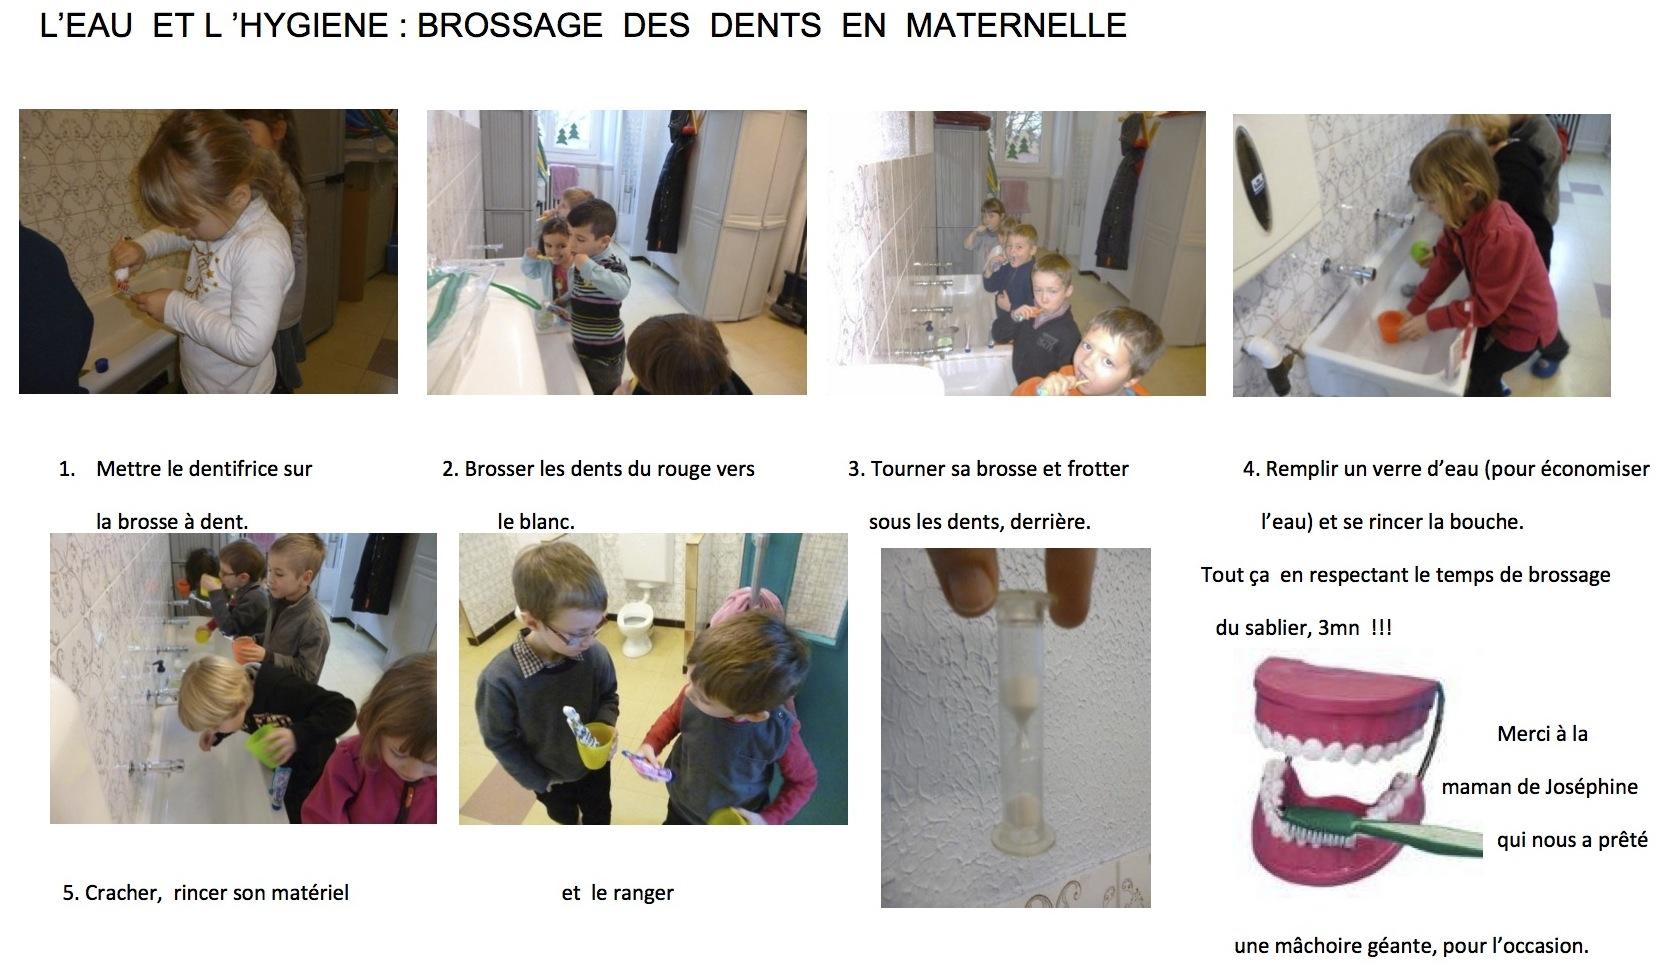 Populaire L'eau et l 'hygiène : brossage des dents en maternelle - Ecole  MQ58